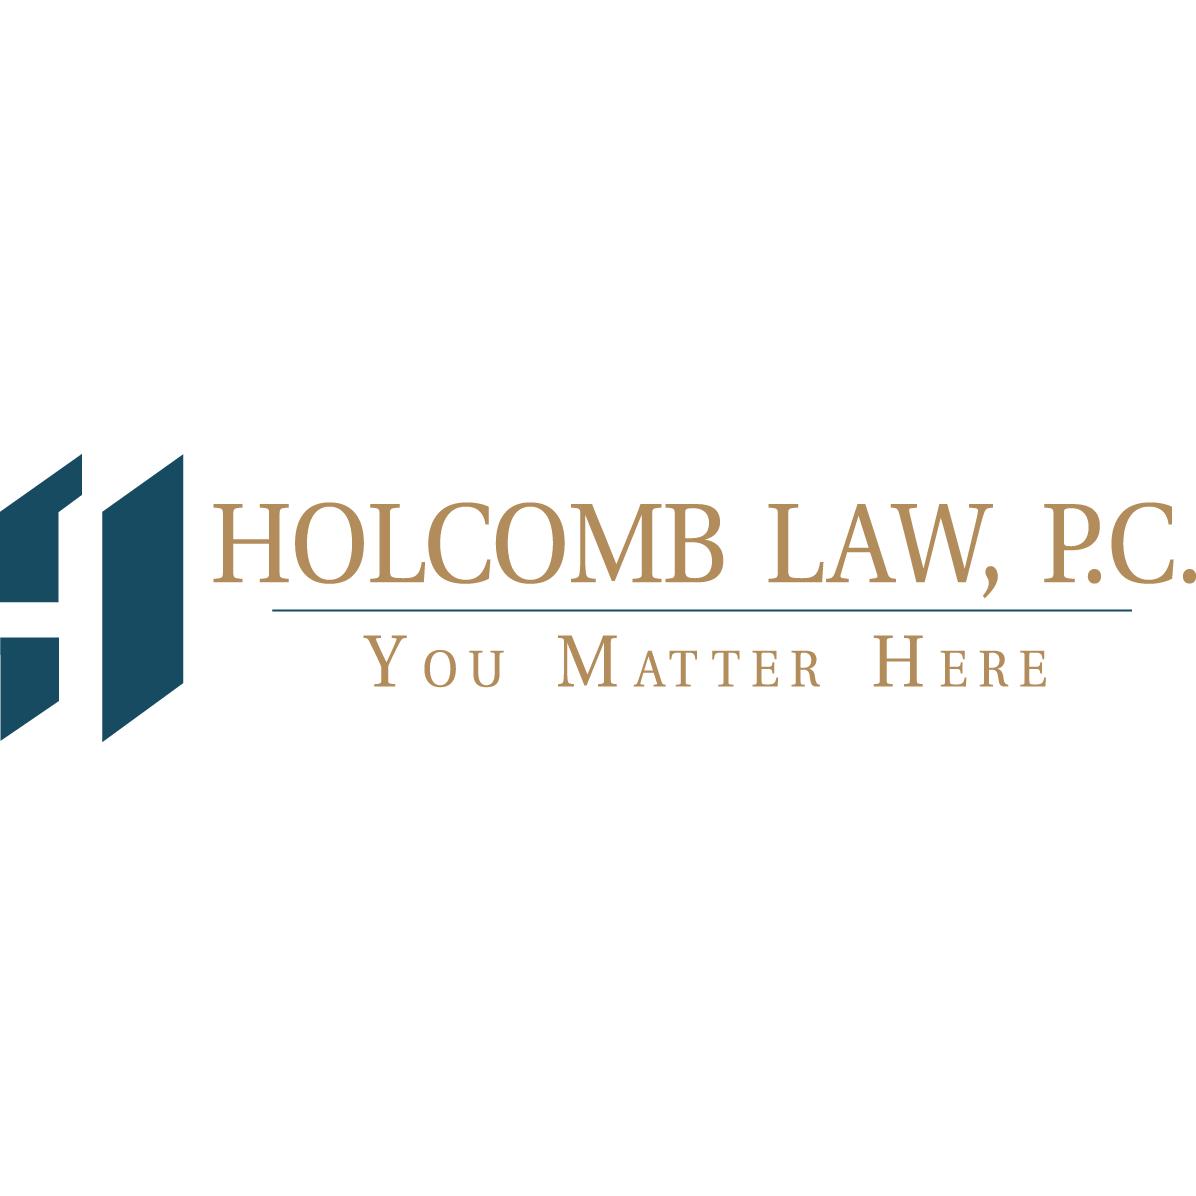 Holcomb Law, P.C.